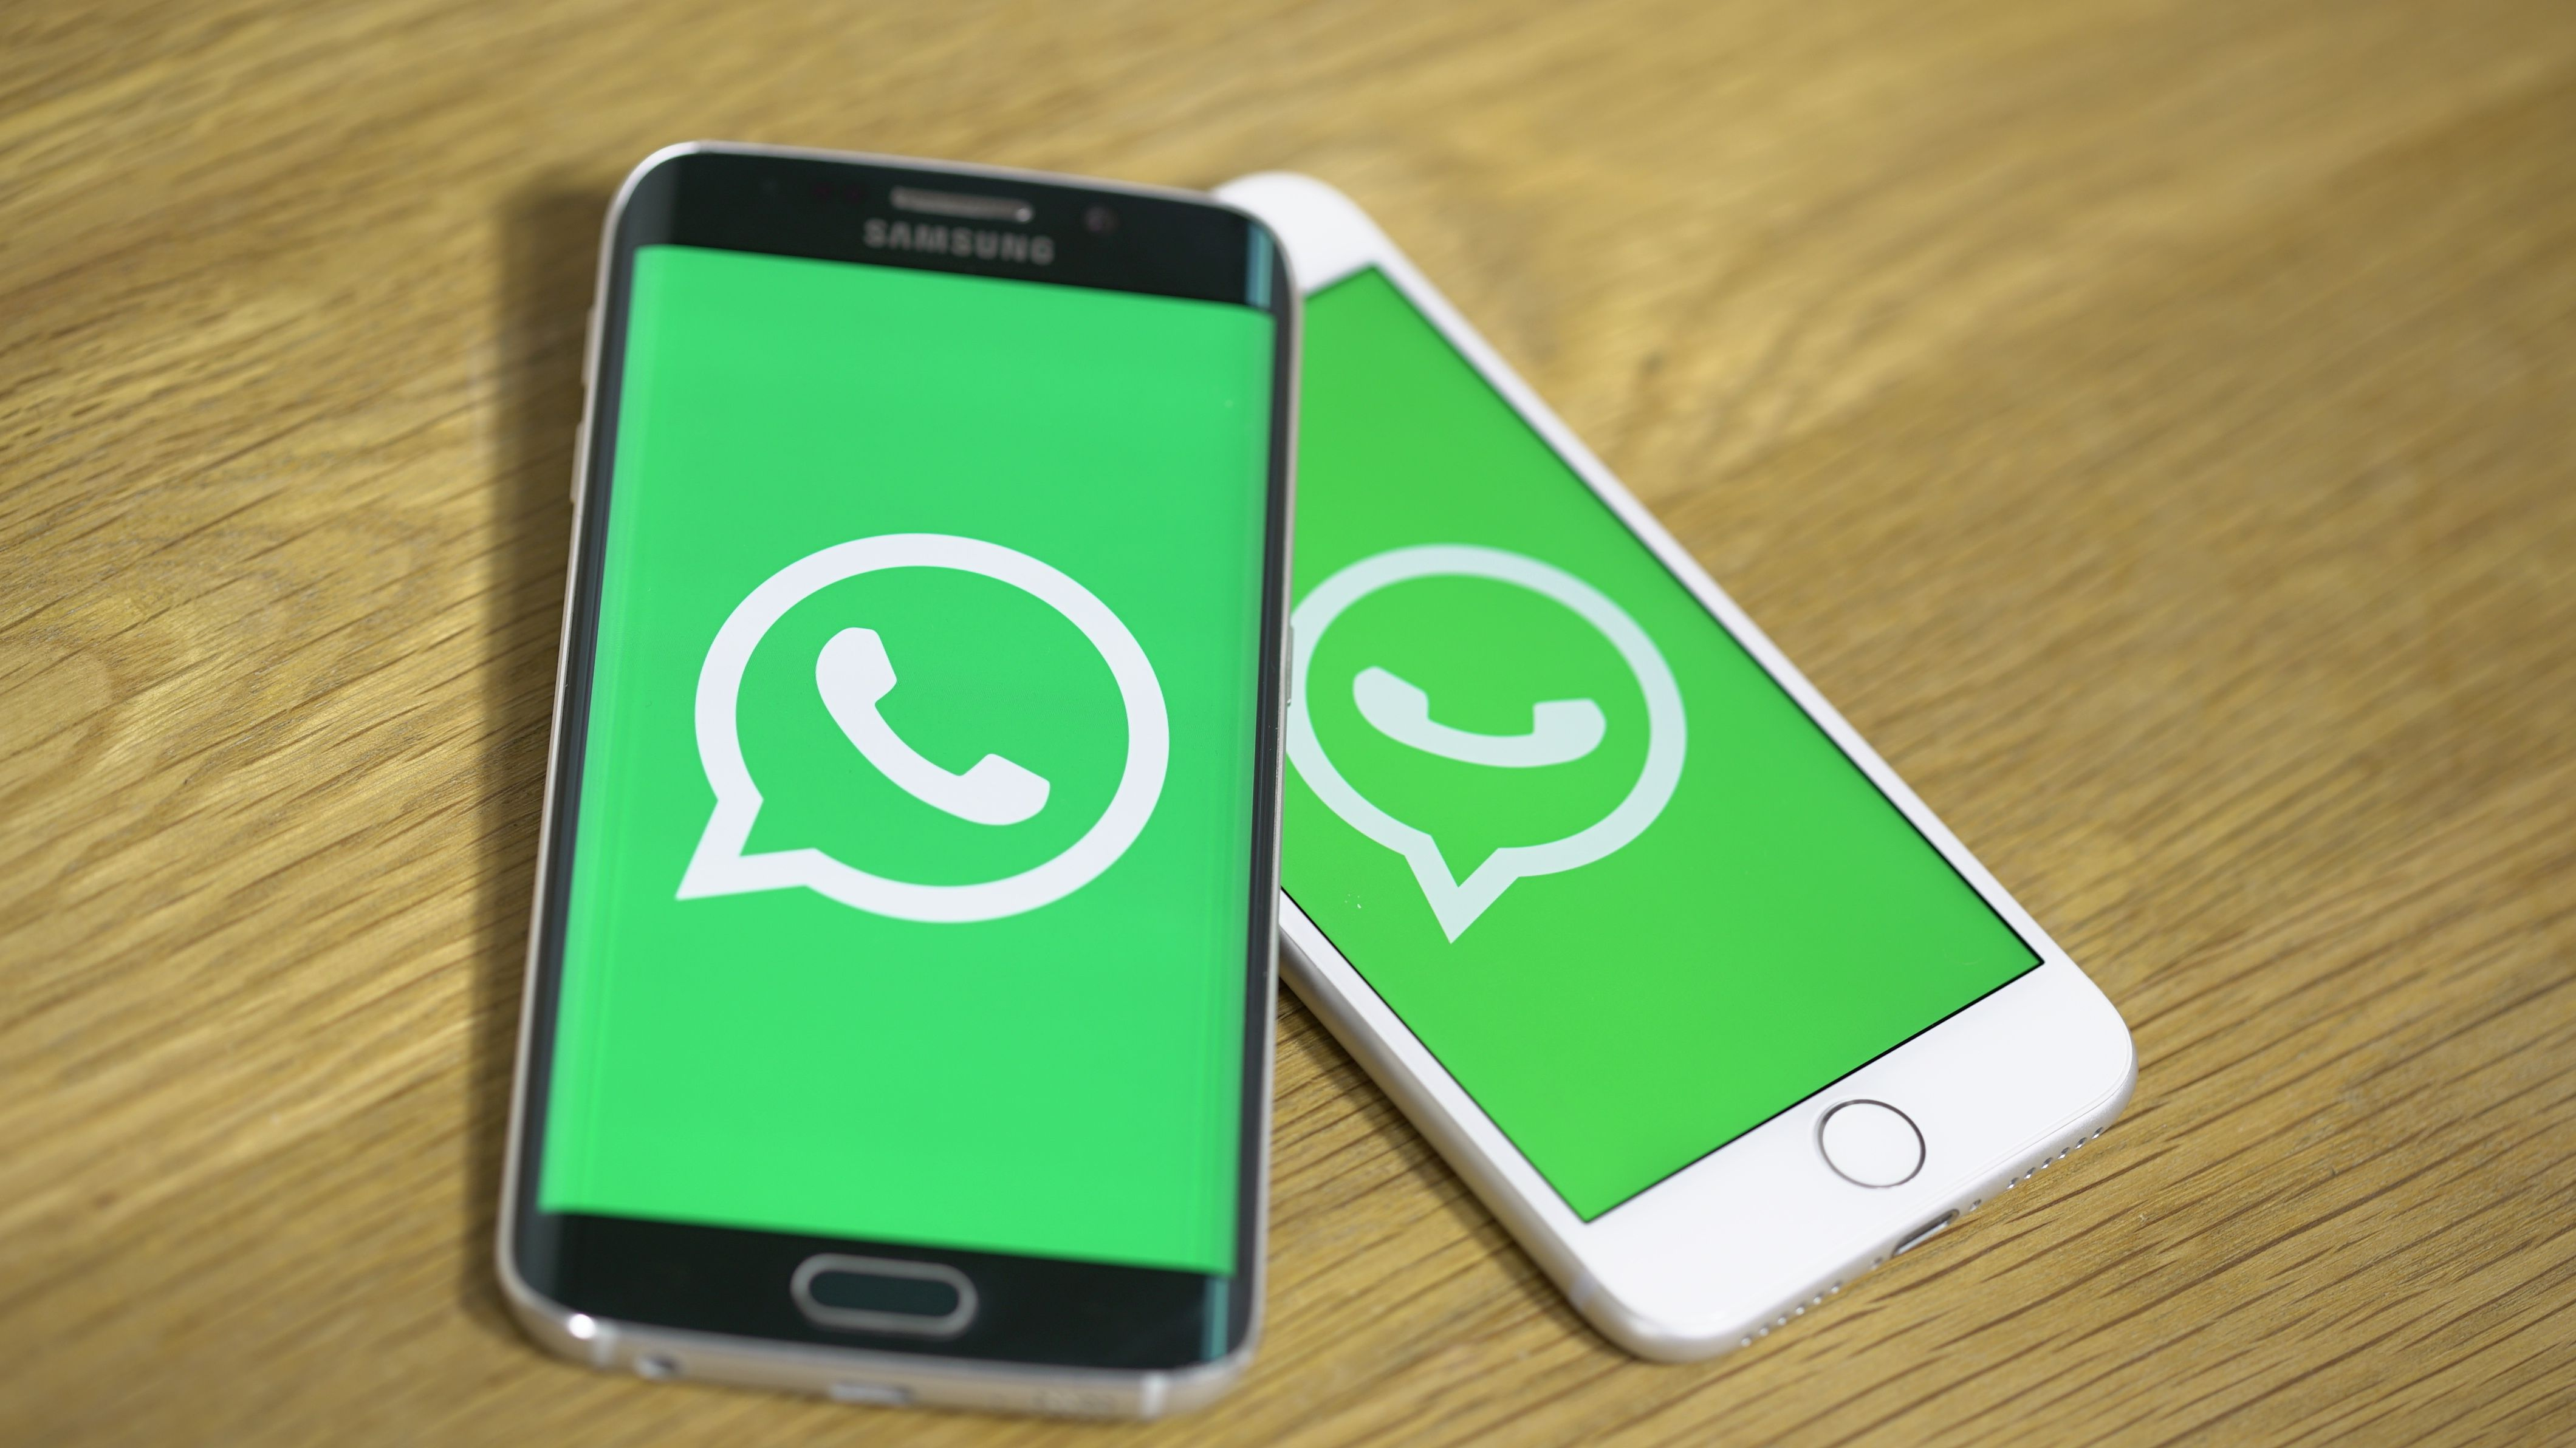 Whatsapp profilbild verschwommener rahmen entfernen